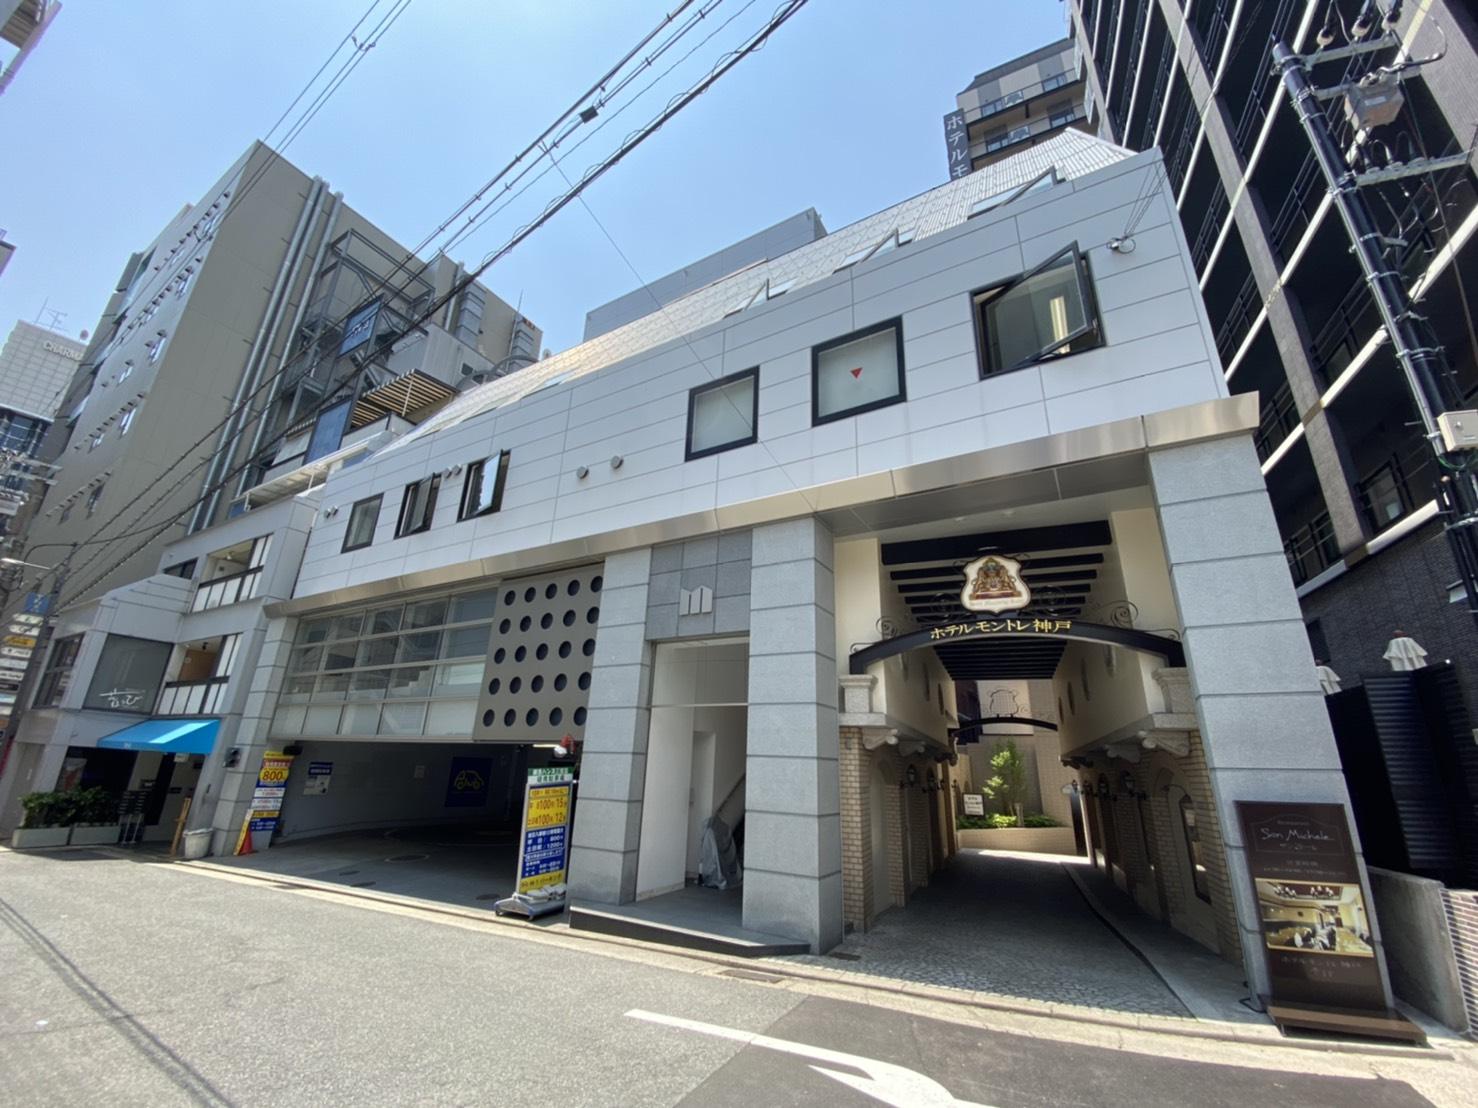 【月極駐車場 神戸市中央区下山手通】M-1パーキング